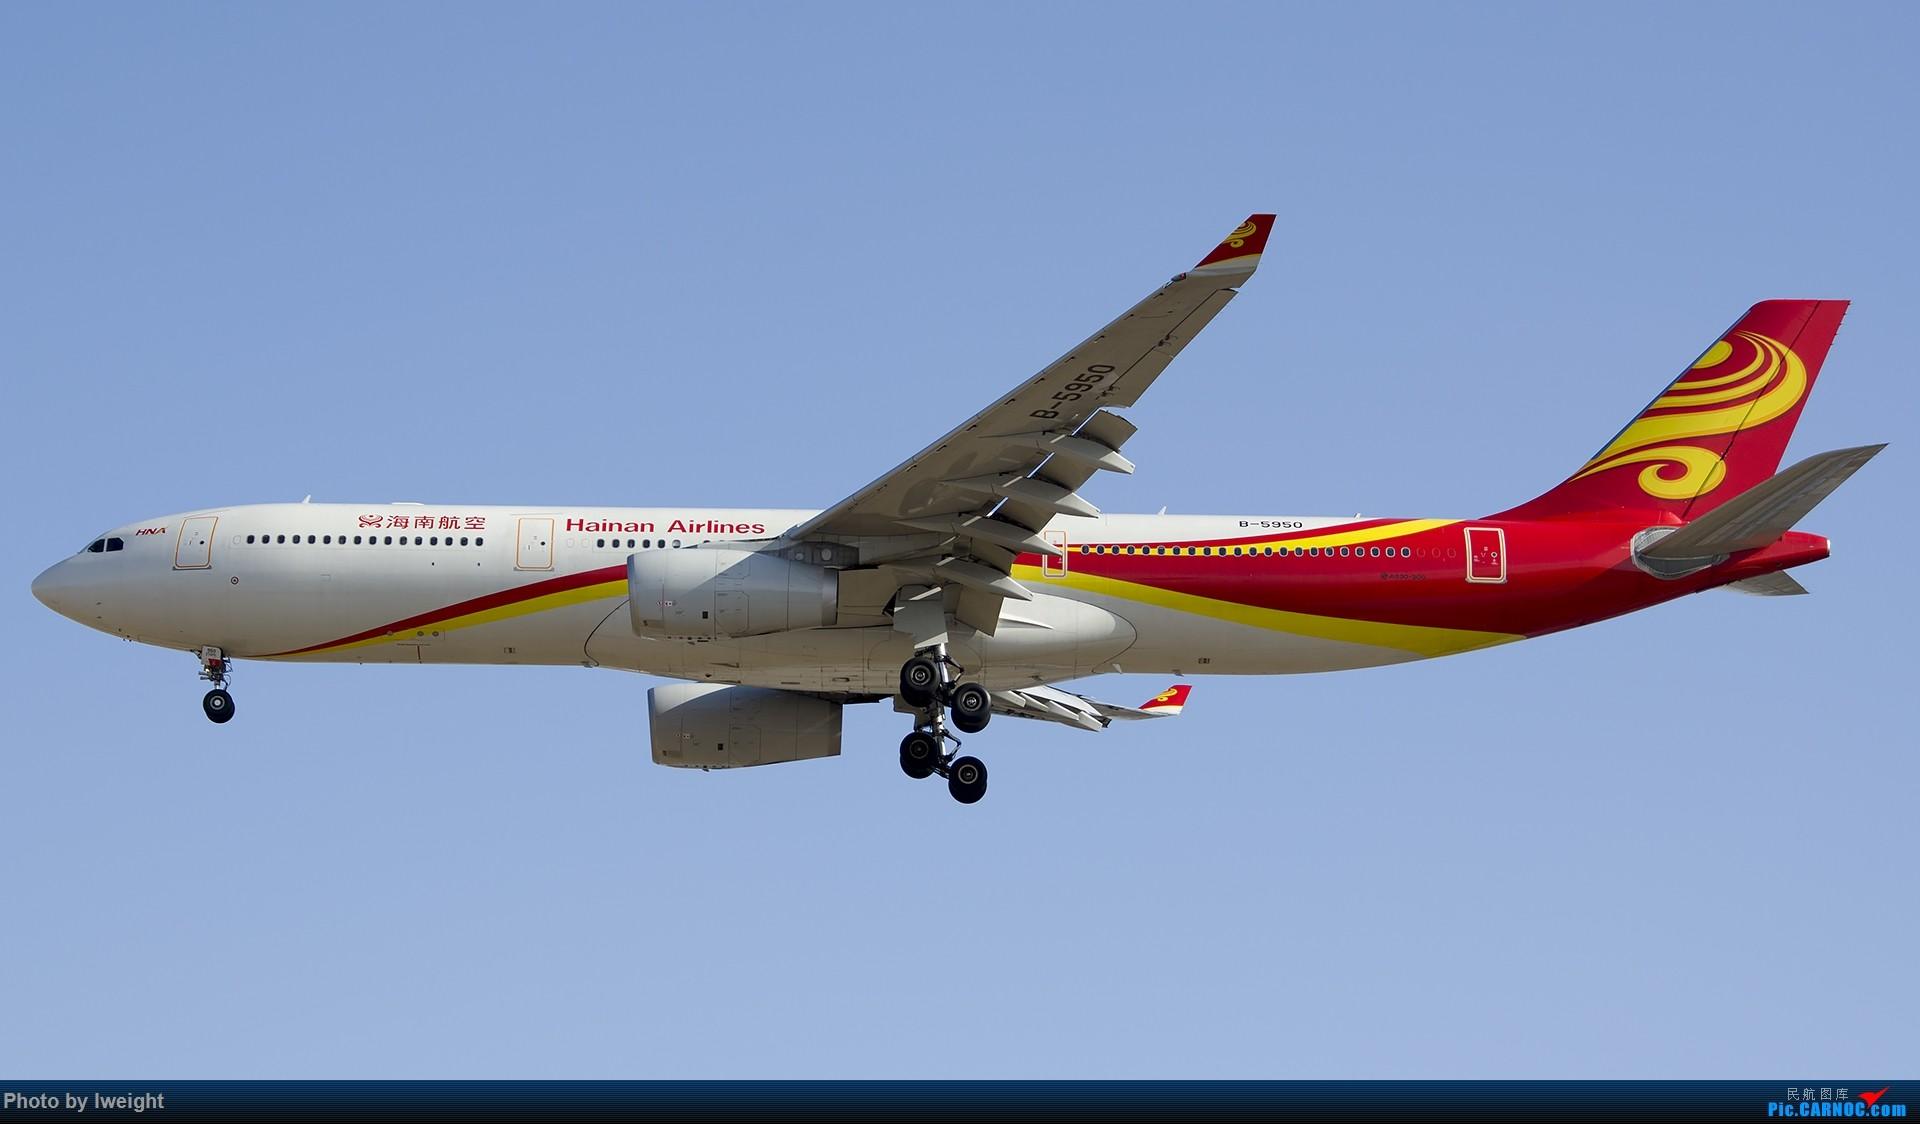 Re:[原创]2014-12-06 PEK天气由好变坏的直接体验 AIRBUS A330-300 B-5950 中国北京首都国际机场